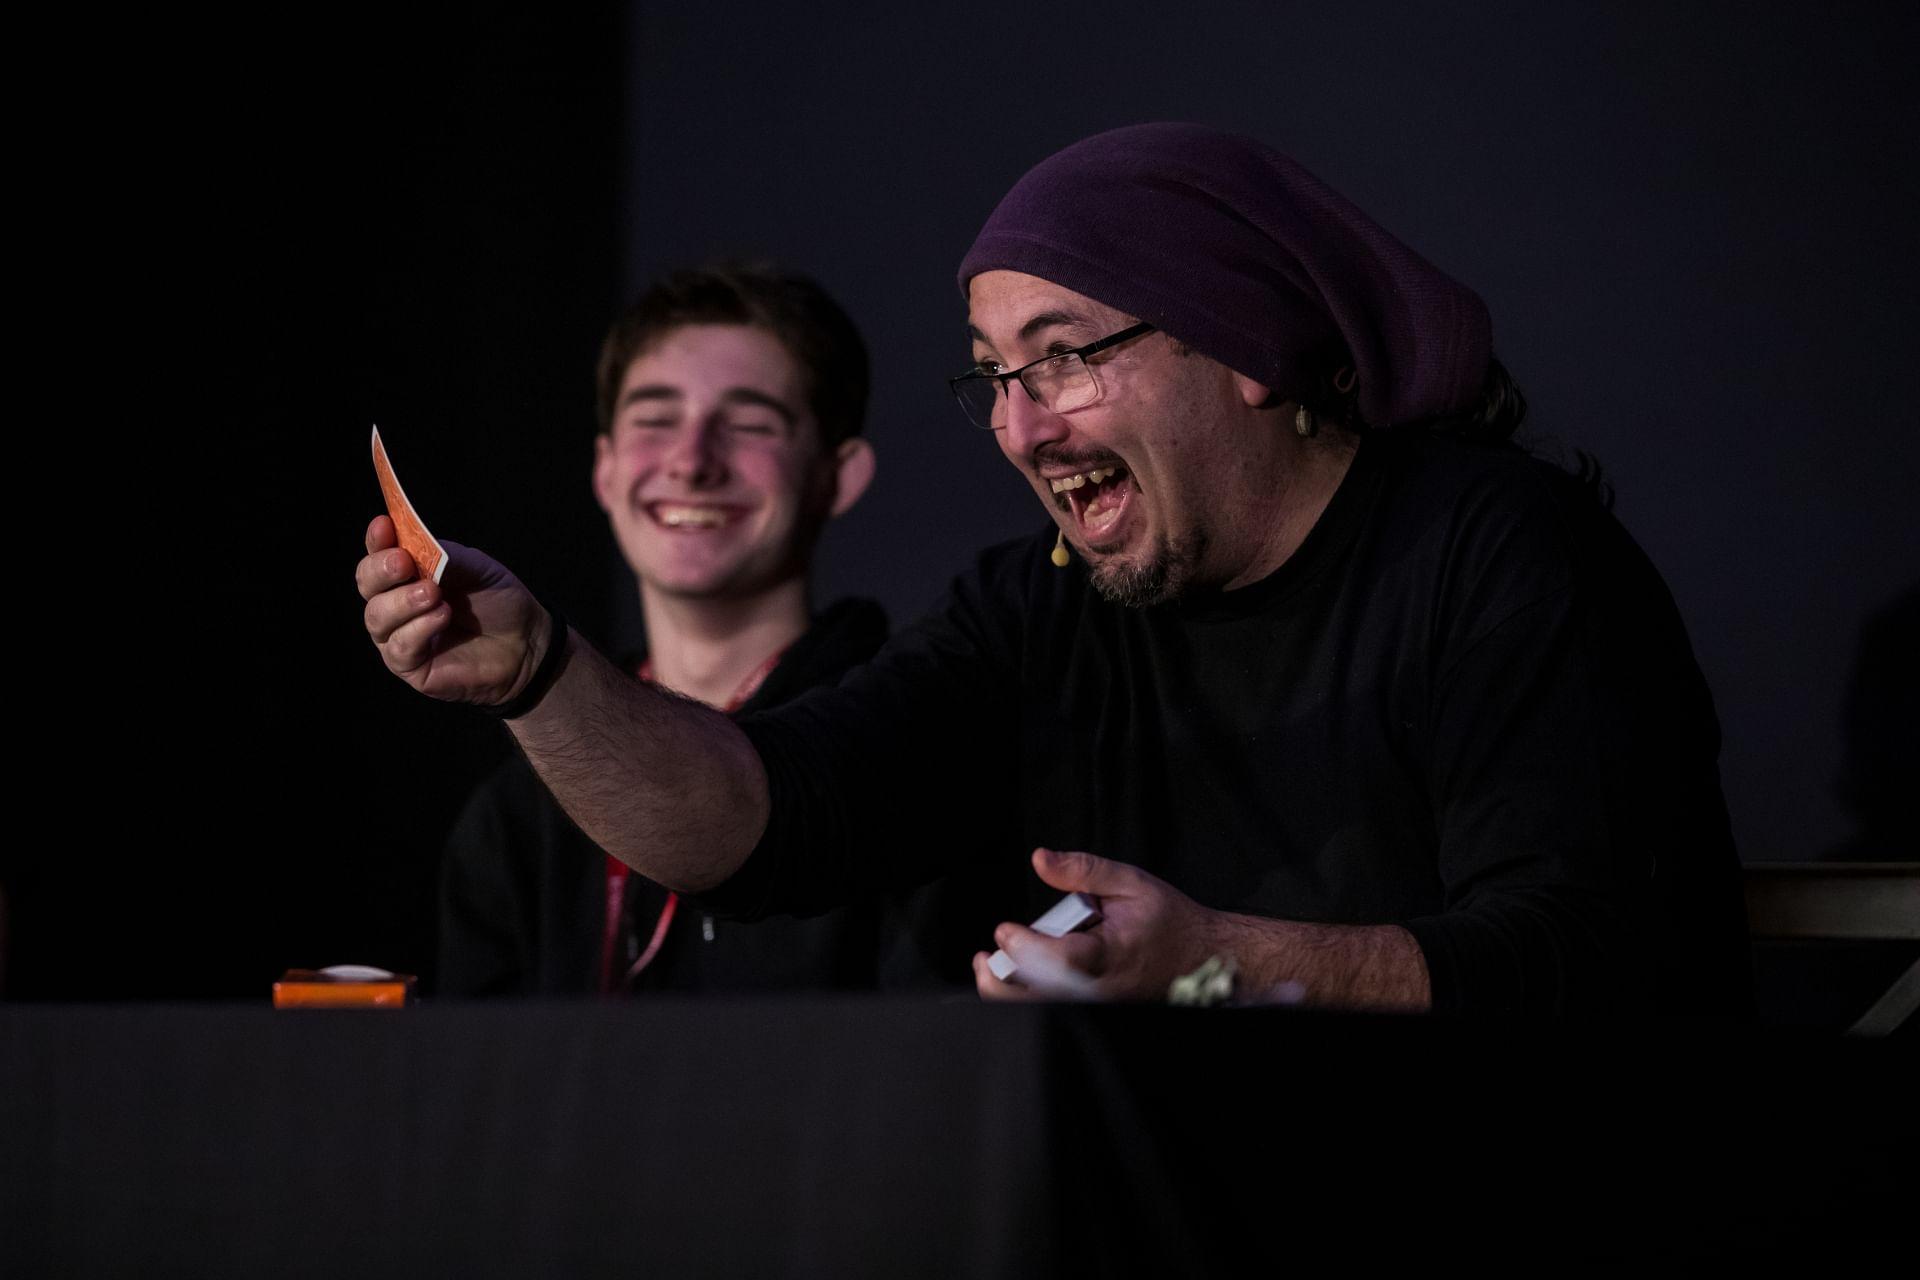 Dani DaOrtiz performs a card trick at a magic convention